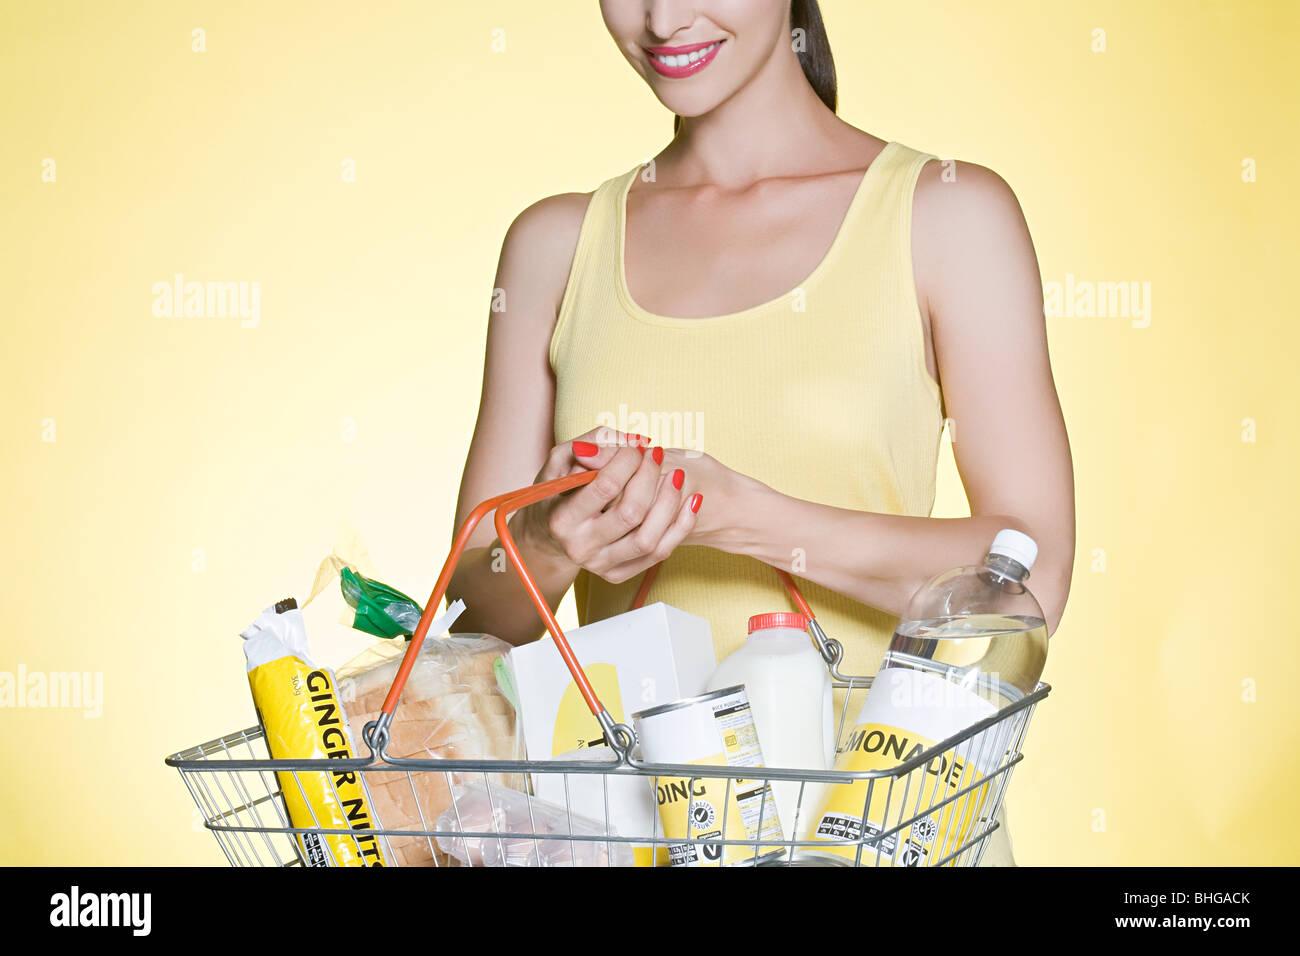 Frau mit Grundnahrungsmittel in Korb Stockbild